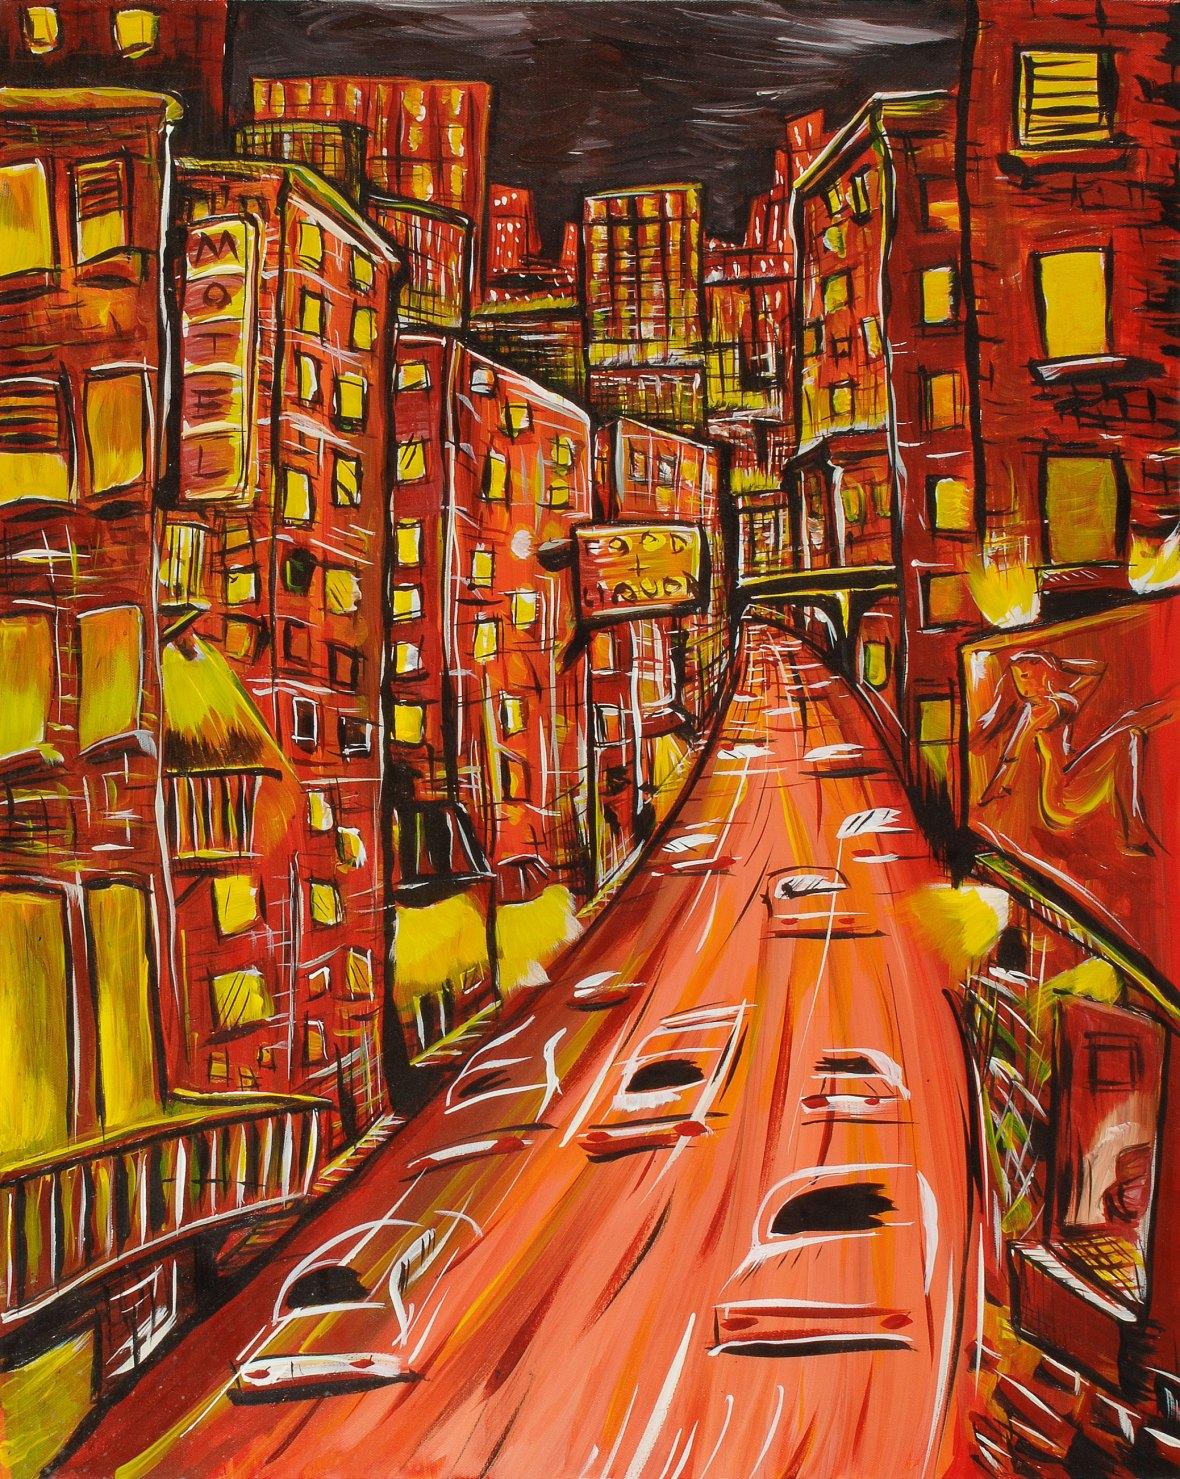 City Night Lights #1